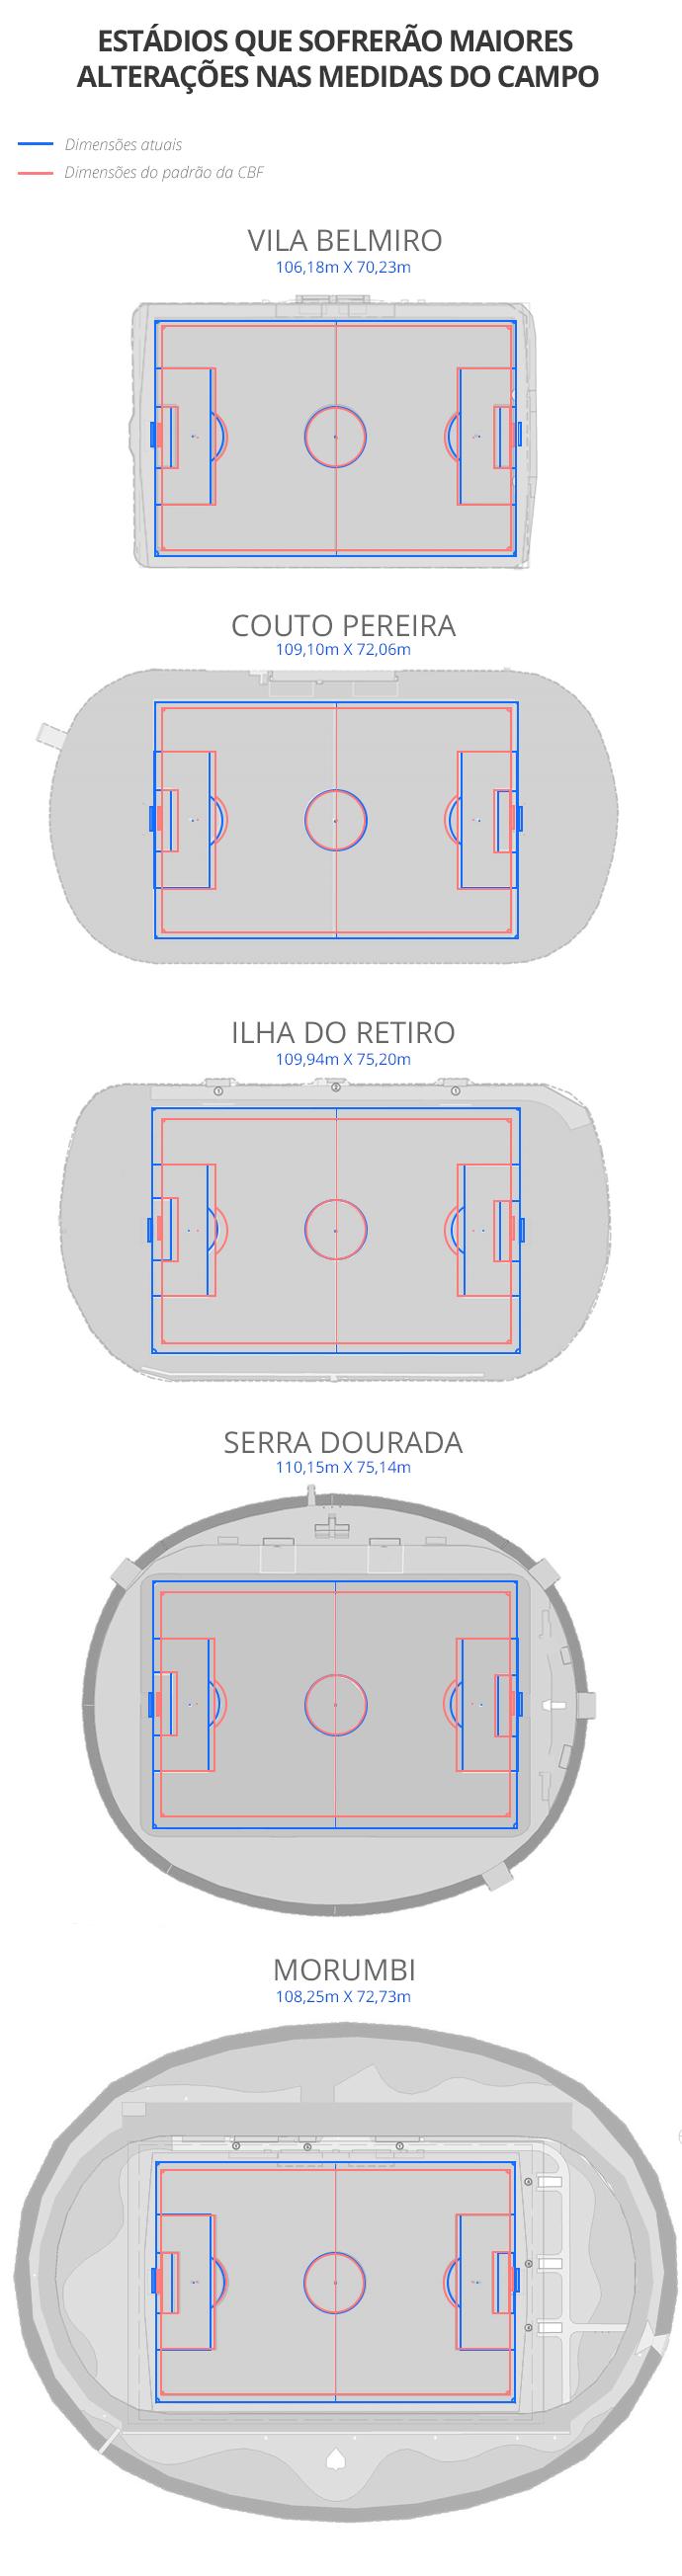 info padronização CBF  - estádios com maiores alterações2 (Foto: arte esporte)